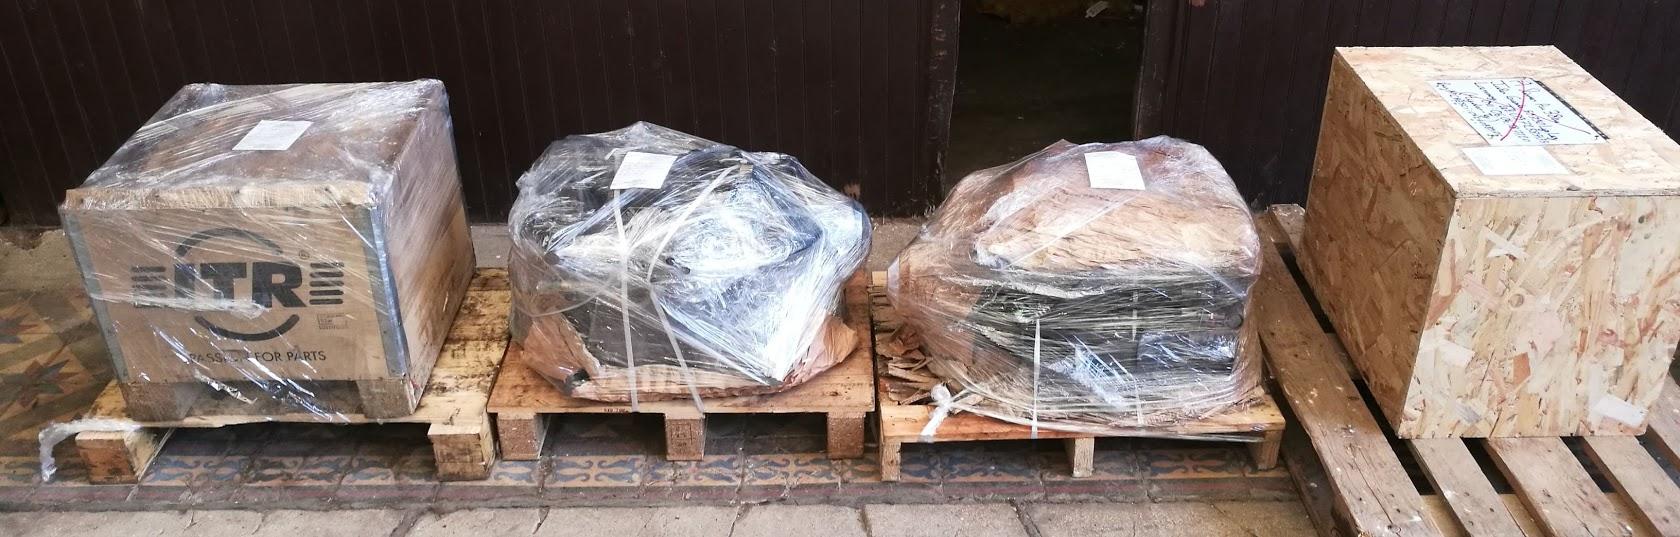 emballage-boite-vario-tracteur-fendt-massey